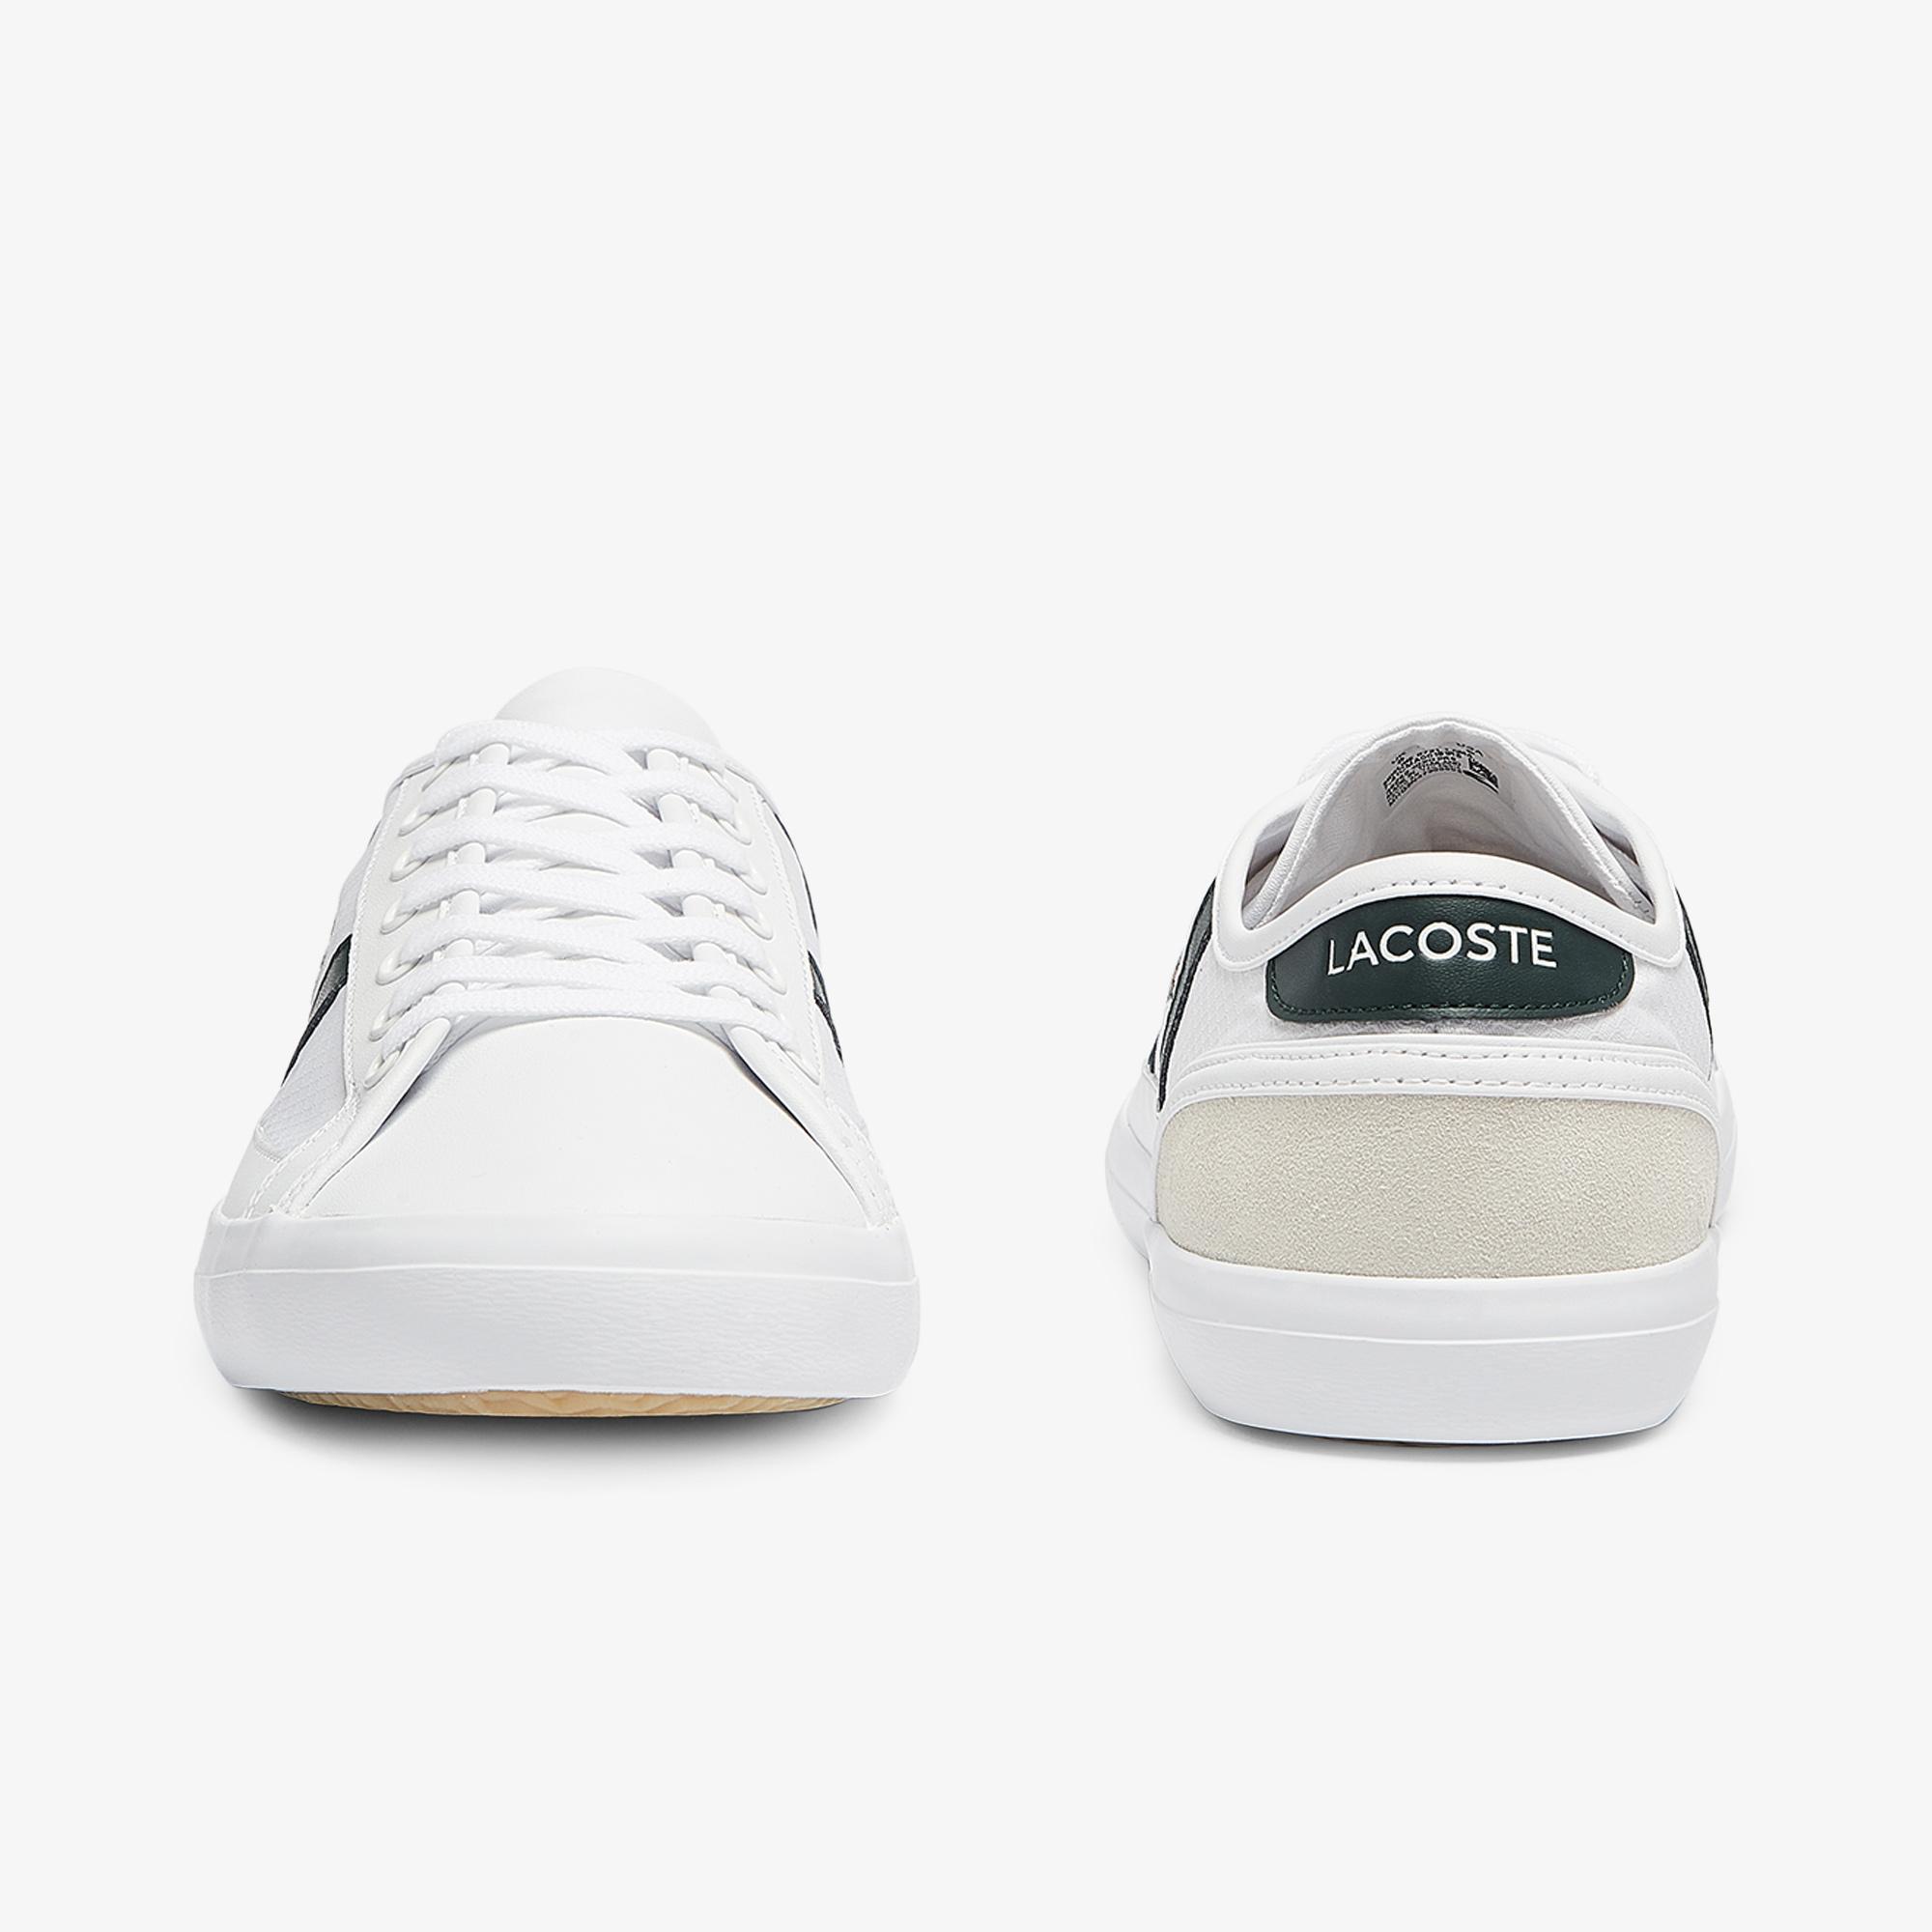 Lacoste Sideline 0721 1 Cma Erkek Beyaz - Koyu Yeşil Sneaker